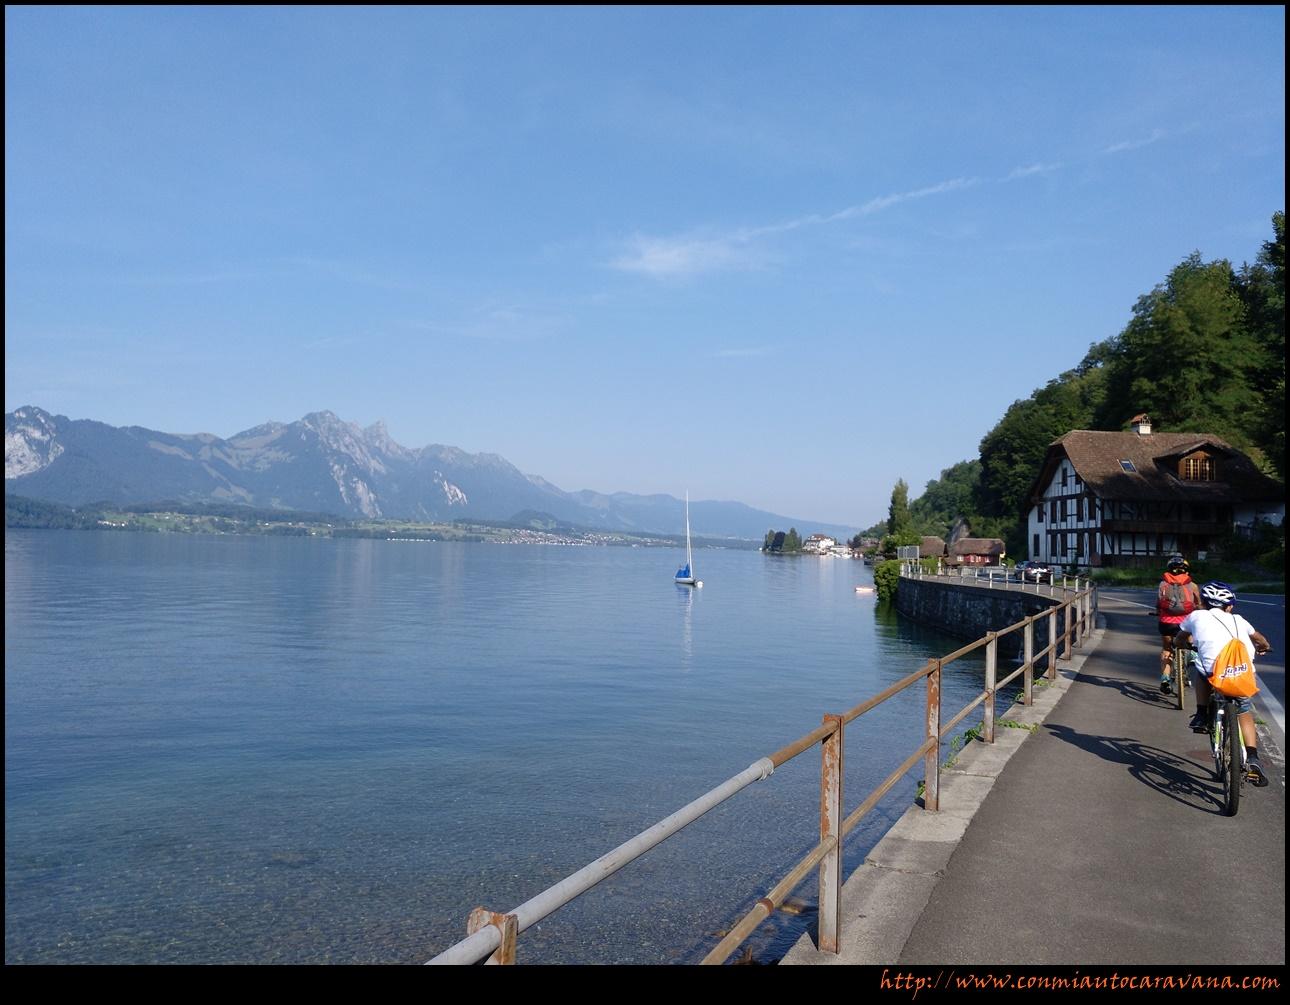 Importantes Ríos De Suiza: Con Mi Autocaravana: Suiza, Un País Lleno De Ríos Y Lagos